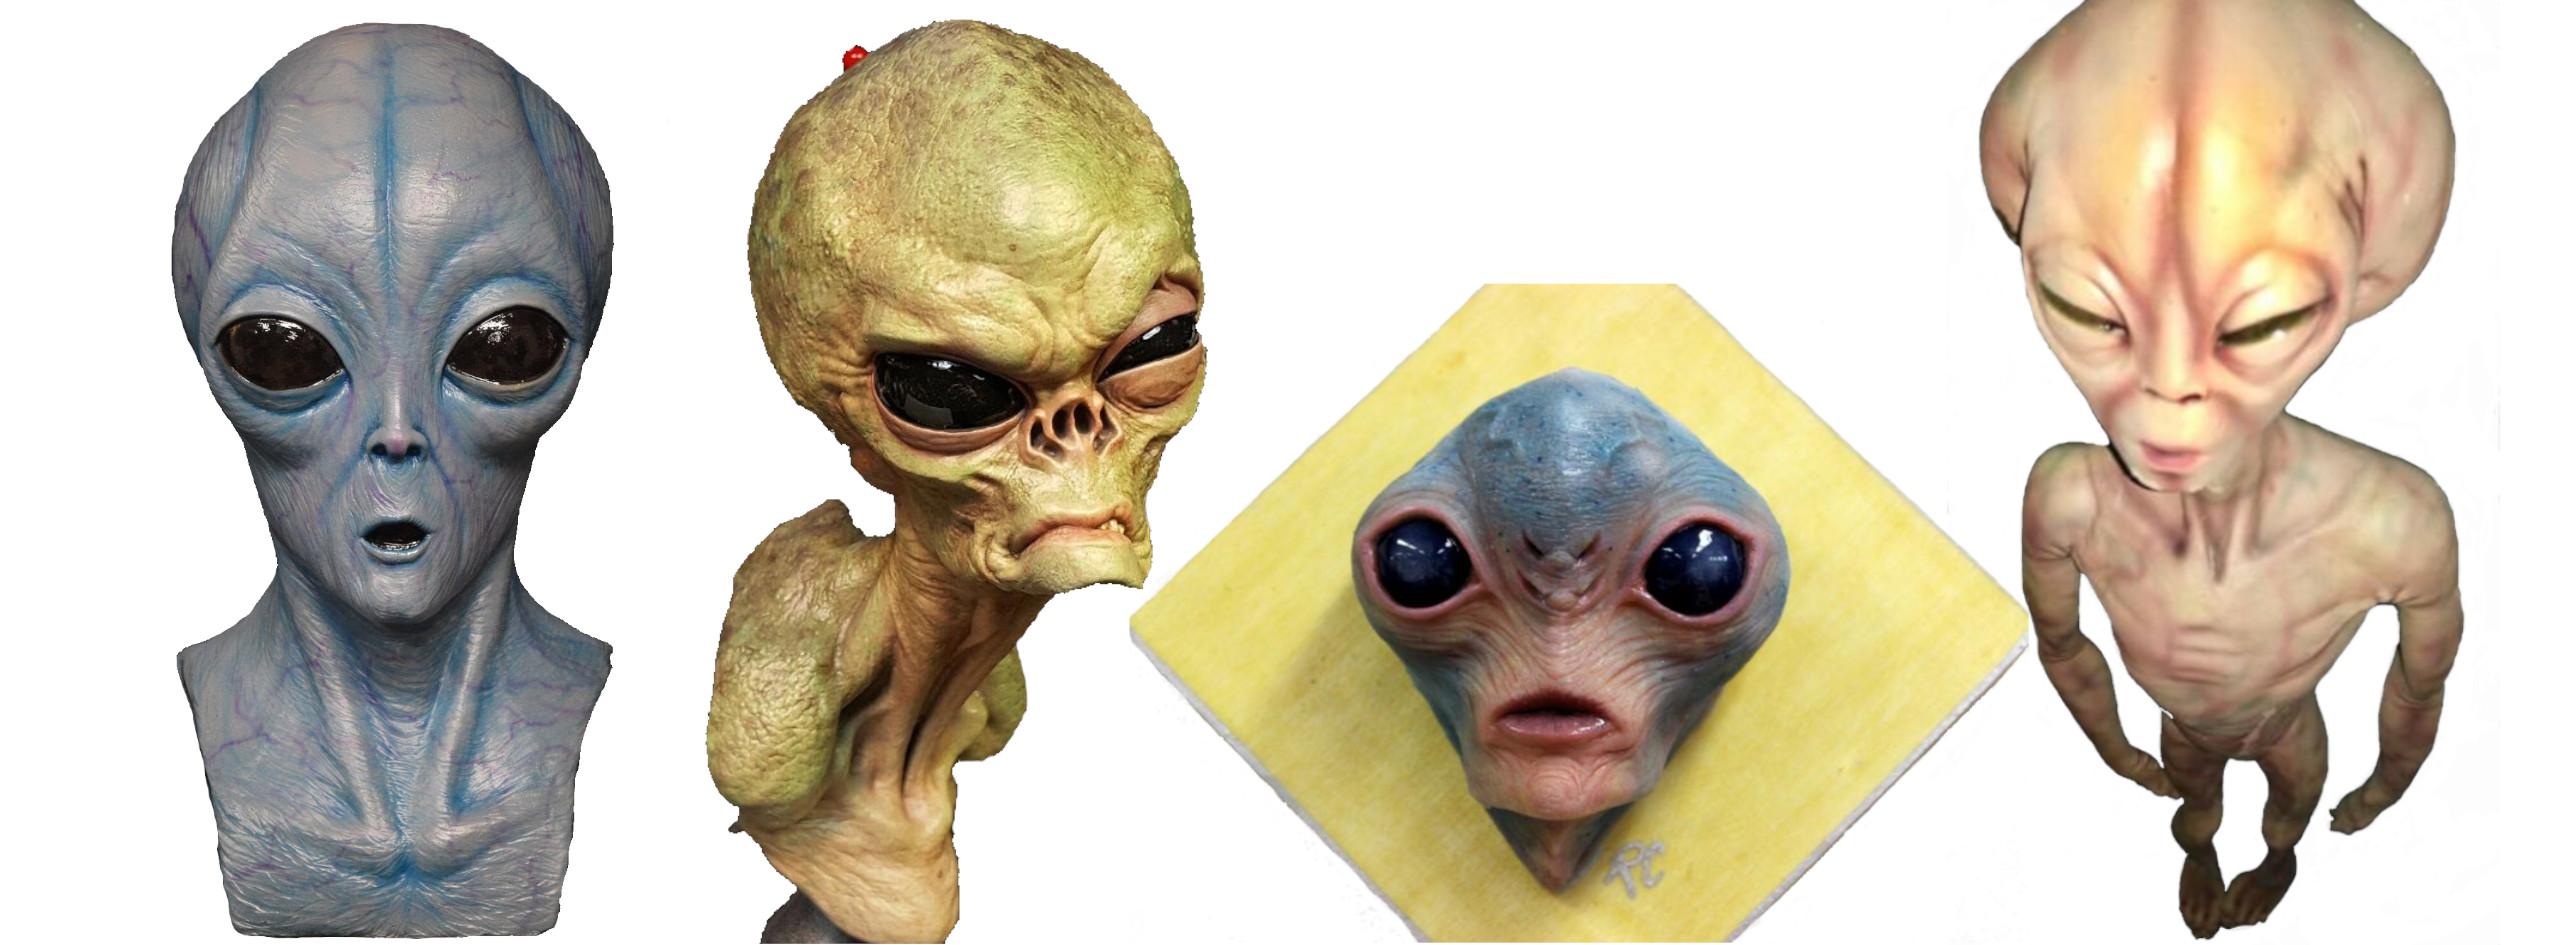 figuras de extraterrestres y alienígenas, esculturas verticales de pared, adornos de pared alienígenas